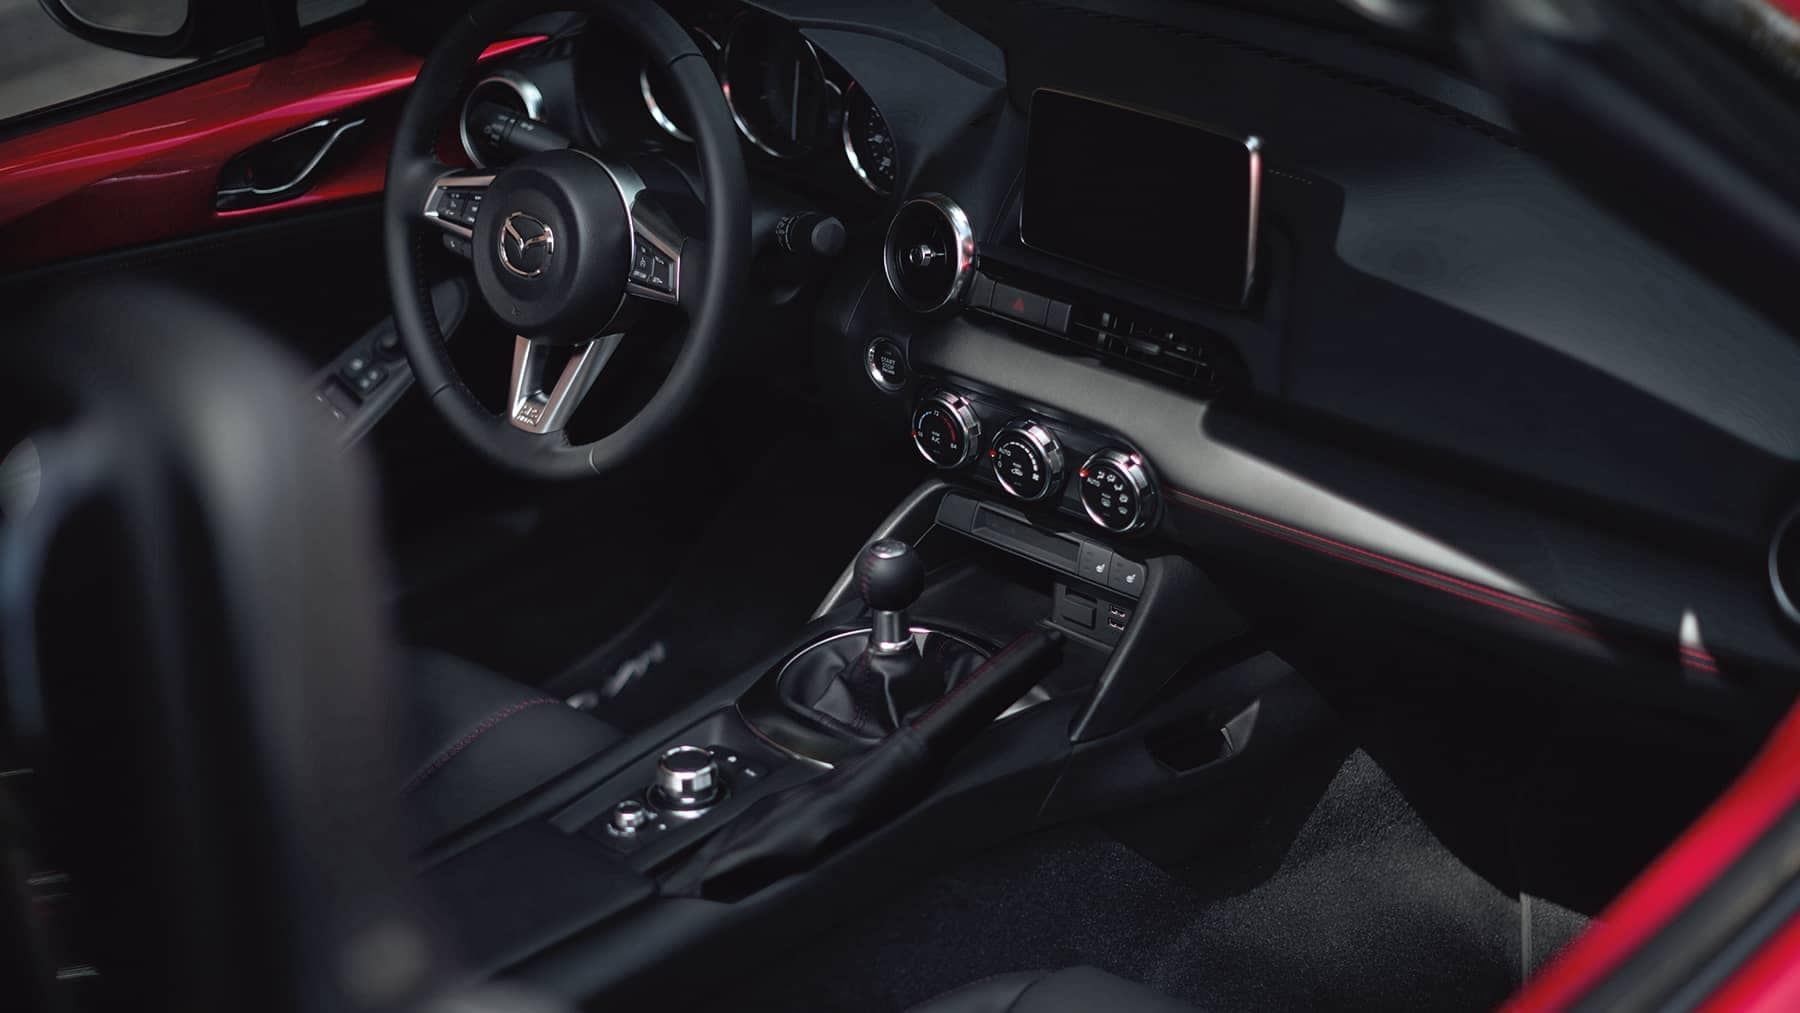 2019 Mazda MX-5 Miata Dash